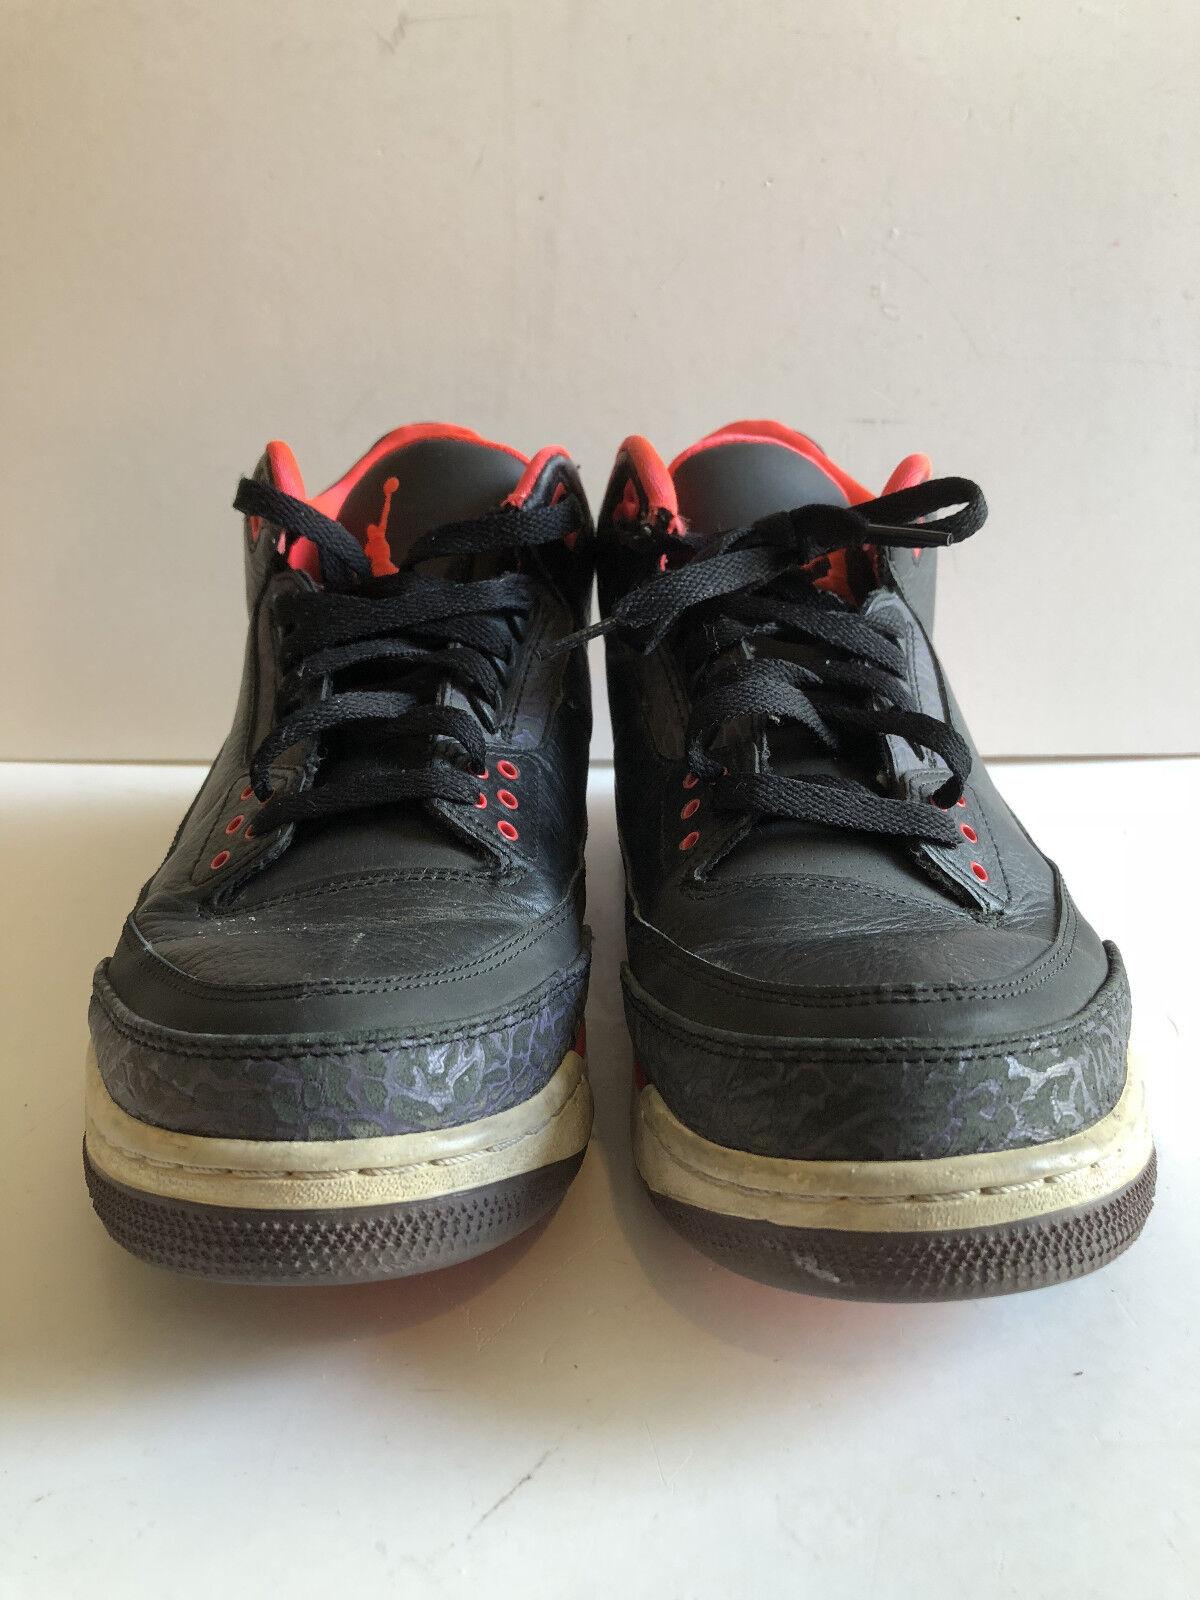 Men's Air Jordan Crimson 3 III Black Sneakers 136064-005 Comfortable Seasonal price cuts, discount benefits